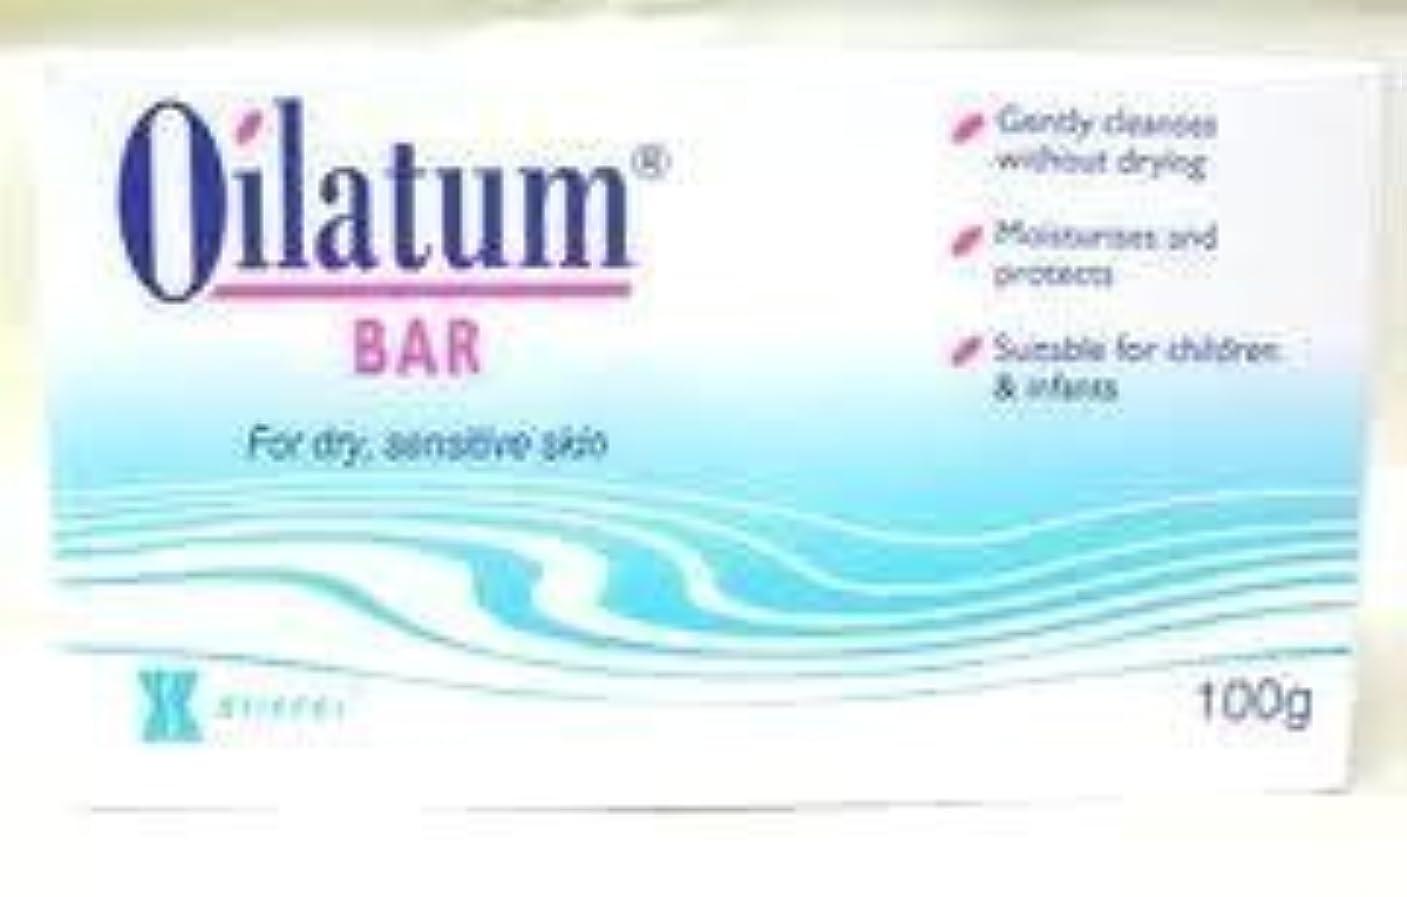 角度否定する彼女自身2 Packs Oilatum Bar Soap for Sensitive Soap Skin Free Shipping 100g. by Oilatum